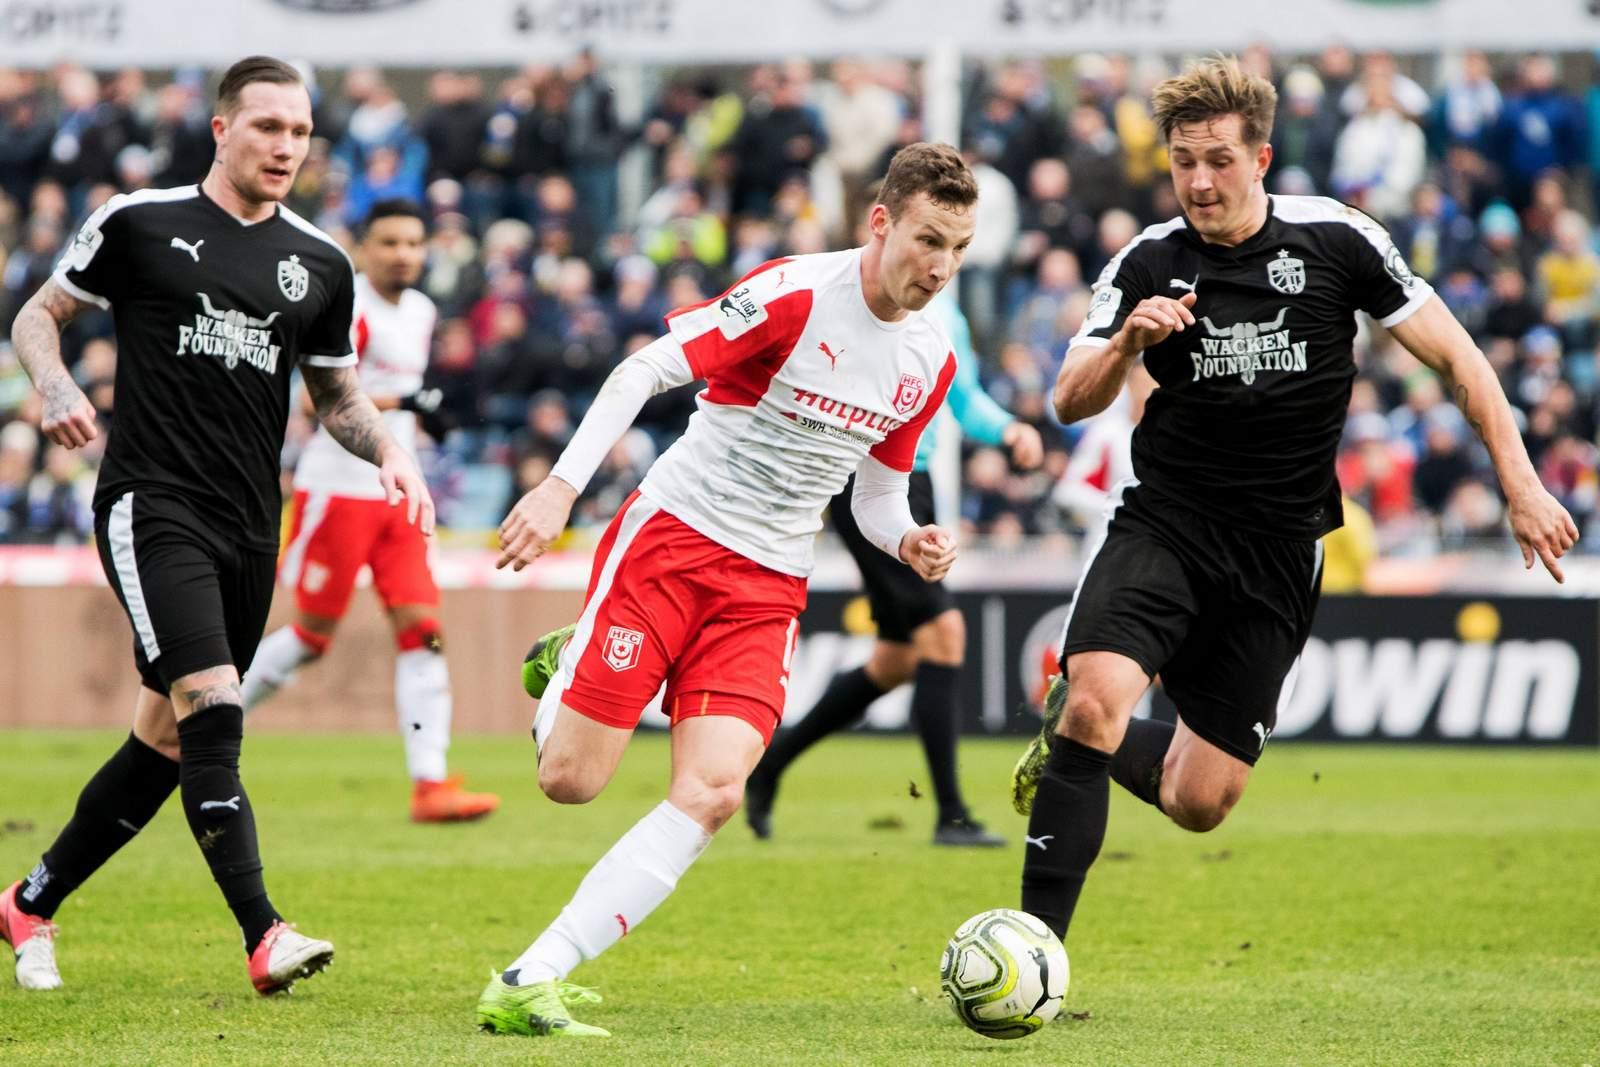 Martin Ludwig vom HFC im Spiel gegen Jena